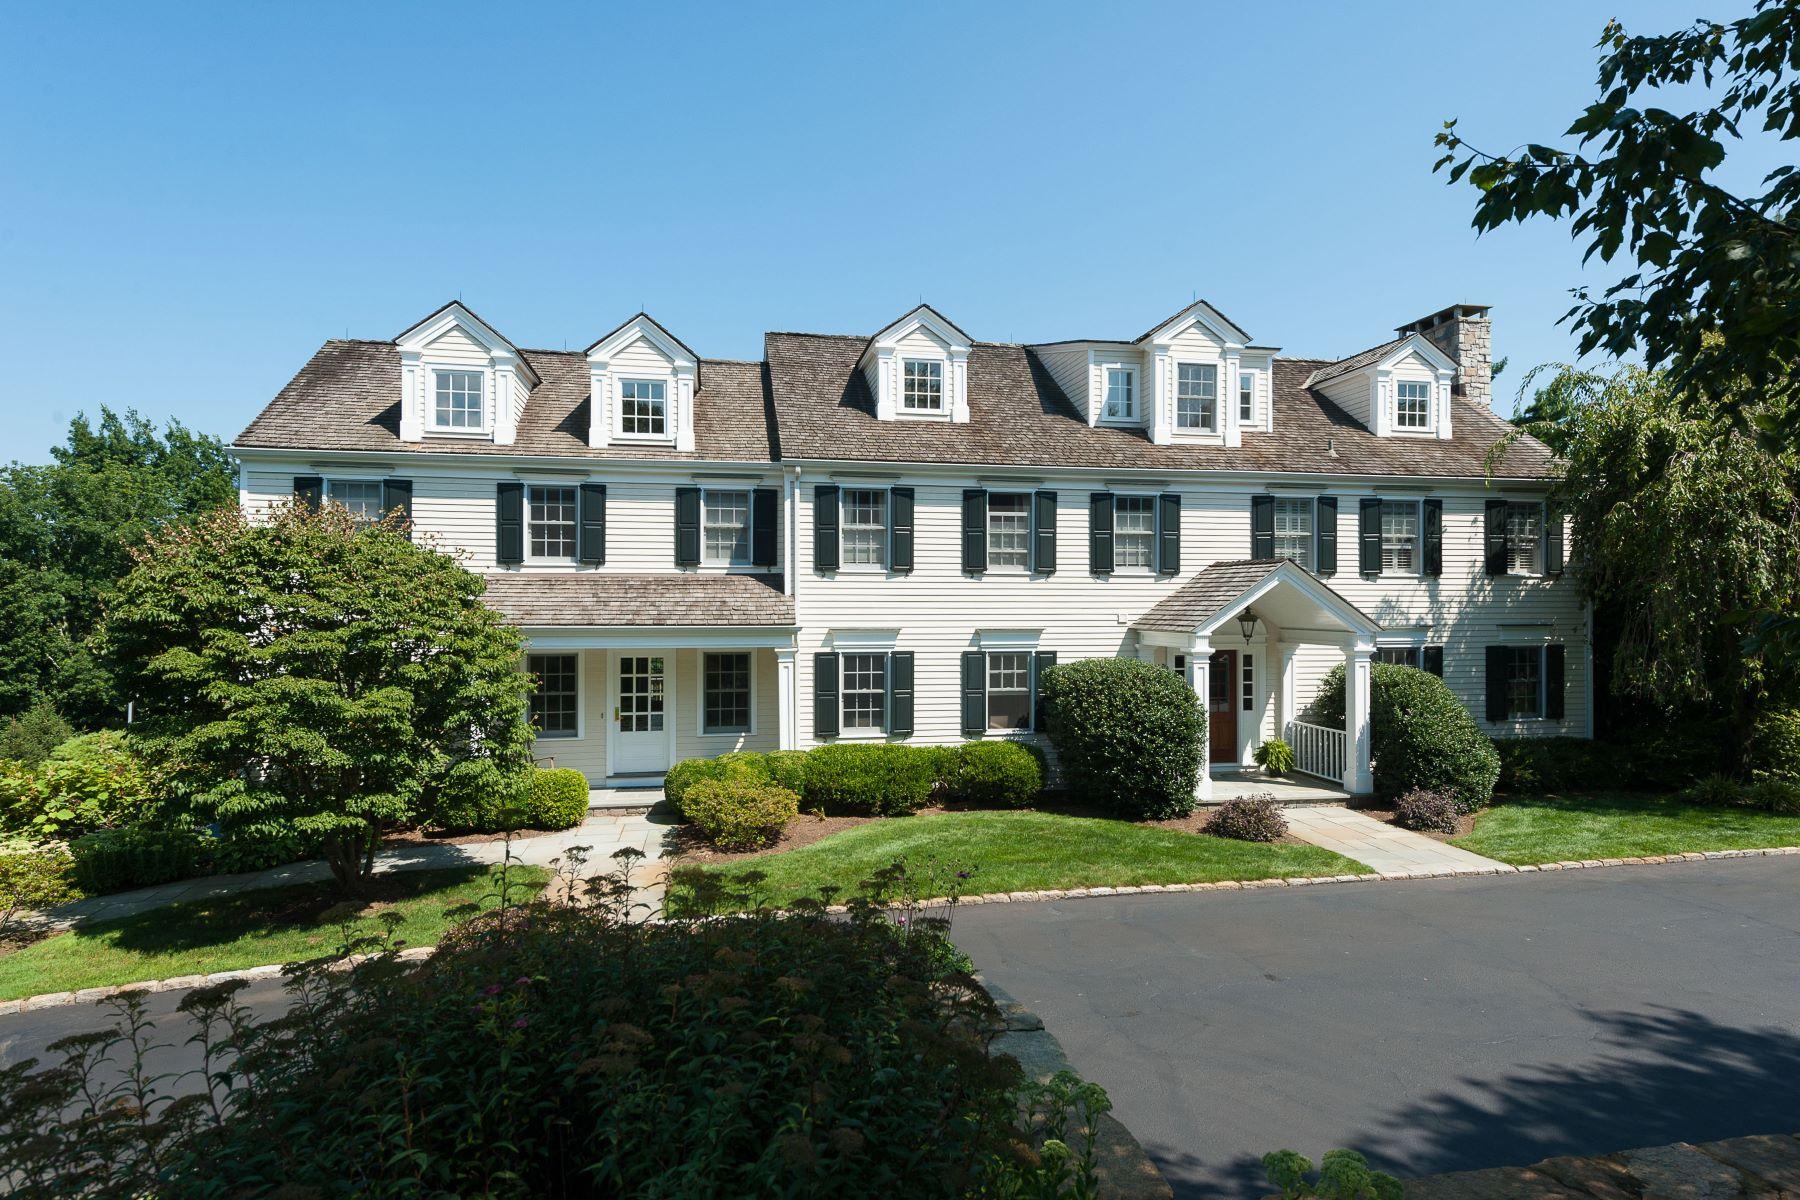 一戸建て のために 売買 アット 60 Sturbridge Hill Road New Canaan, コネチカット, 06840 アメリカ合衆国